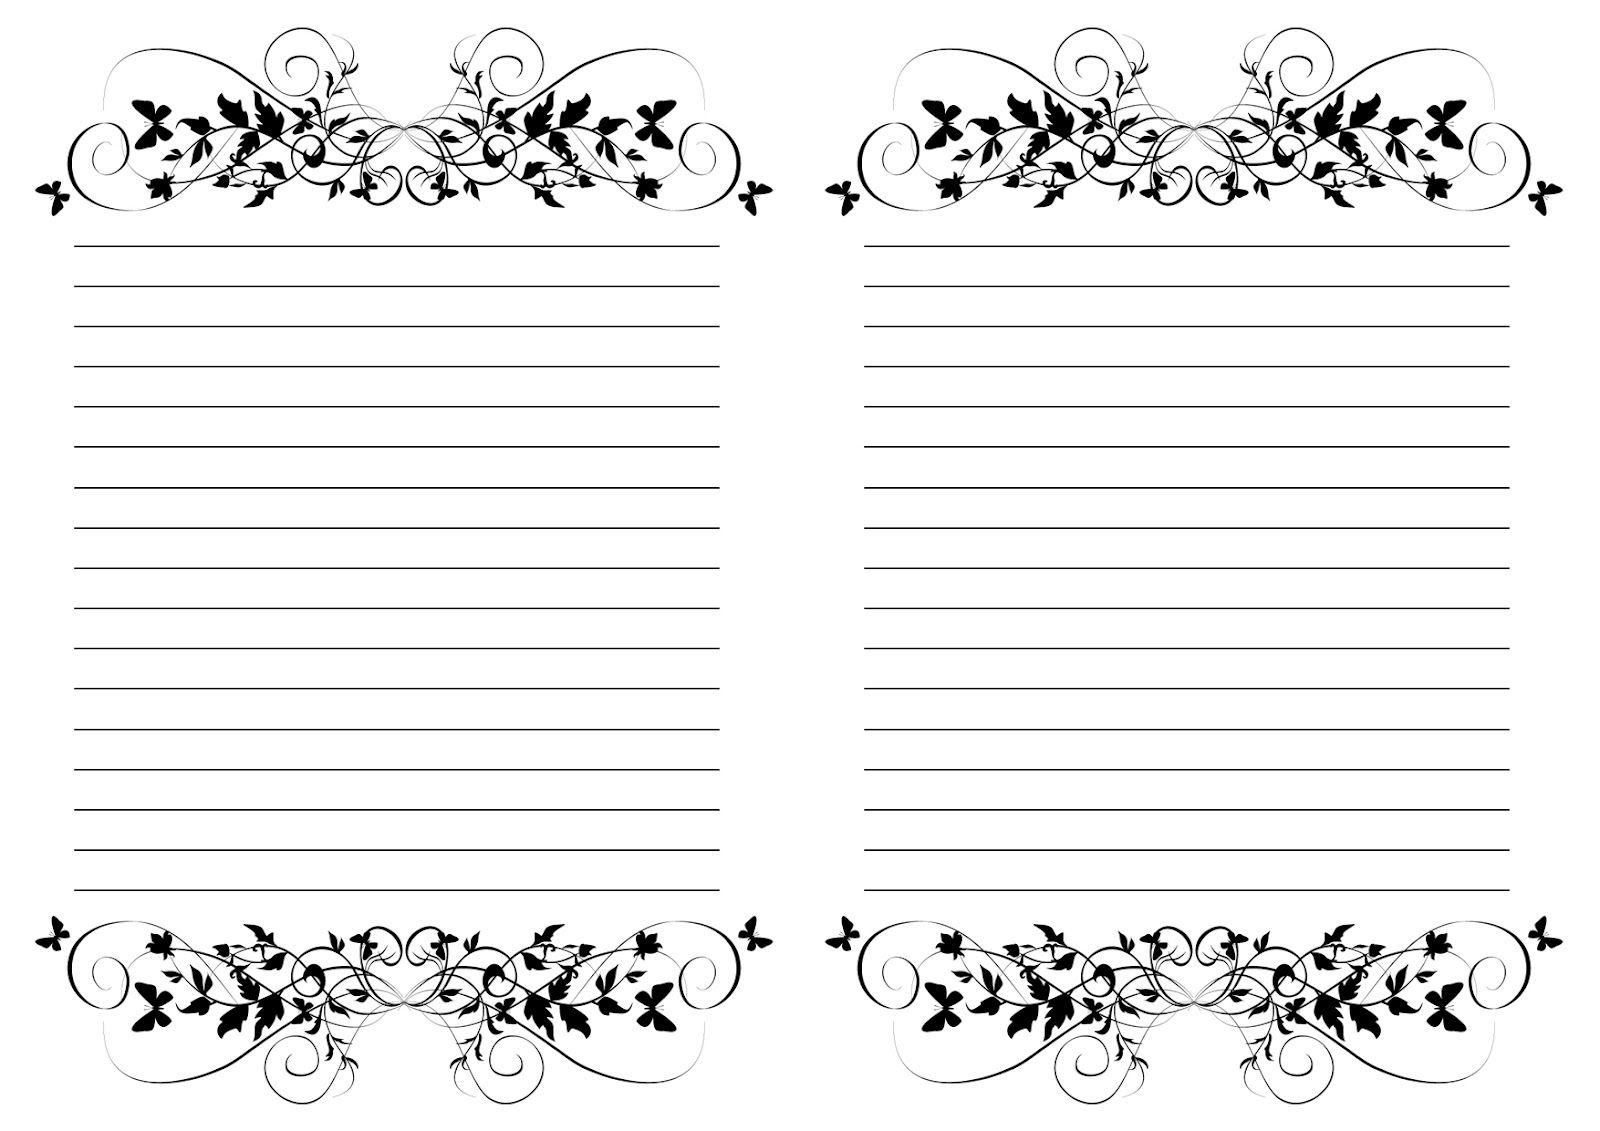 Разлинованные картинки для срисовывания, бумаге виде